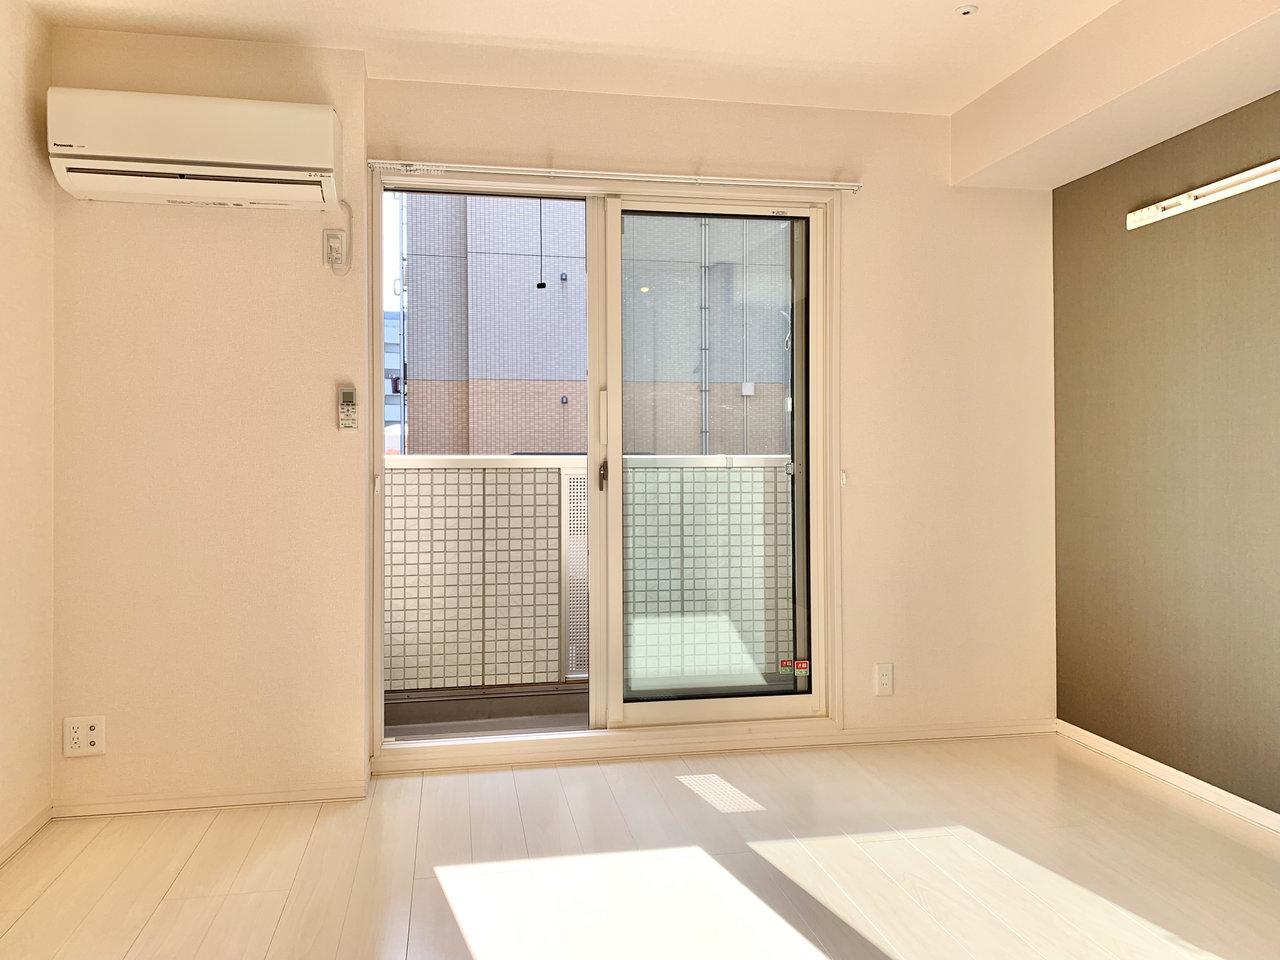 小岩駅から徒歩6分のところにある、1K物件。最上階&角部屋で、日当たりがとても良いお部屋です。